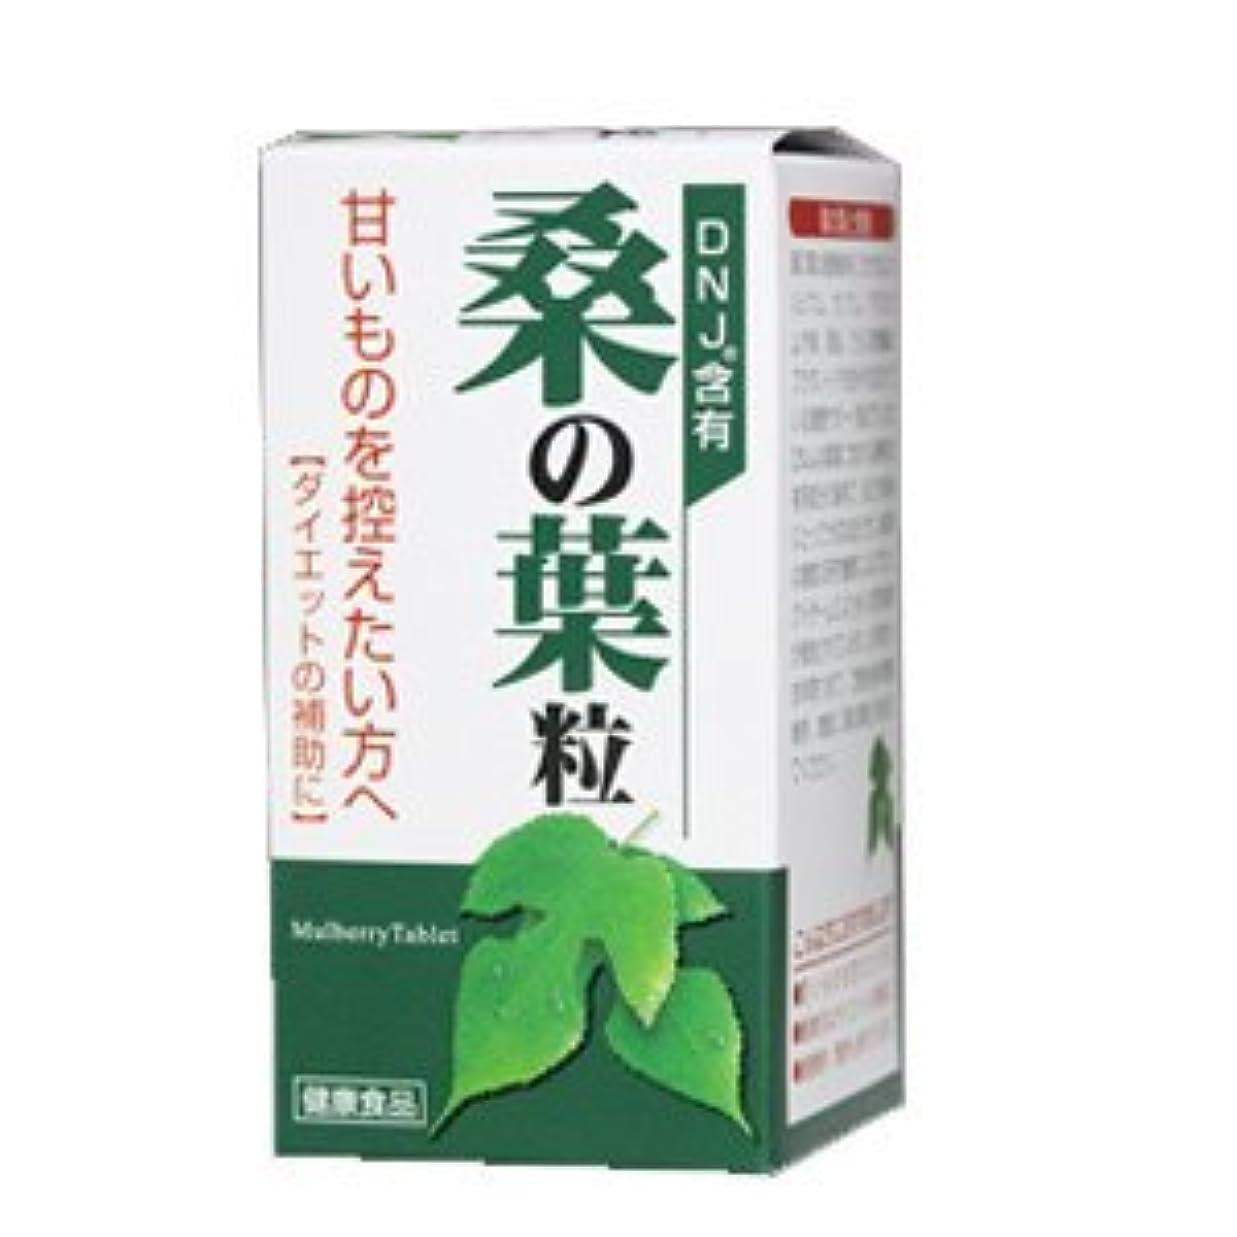 ジャンク豪華な本部桑の葉粒 270粒 2個 大草薬品